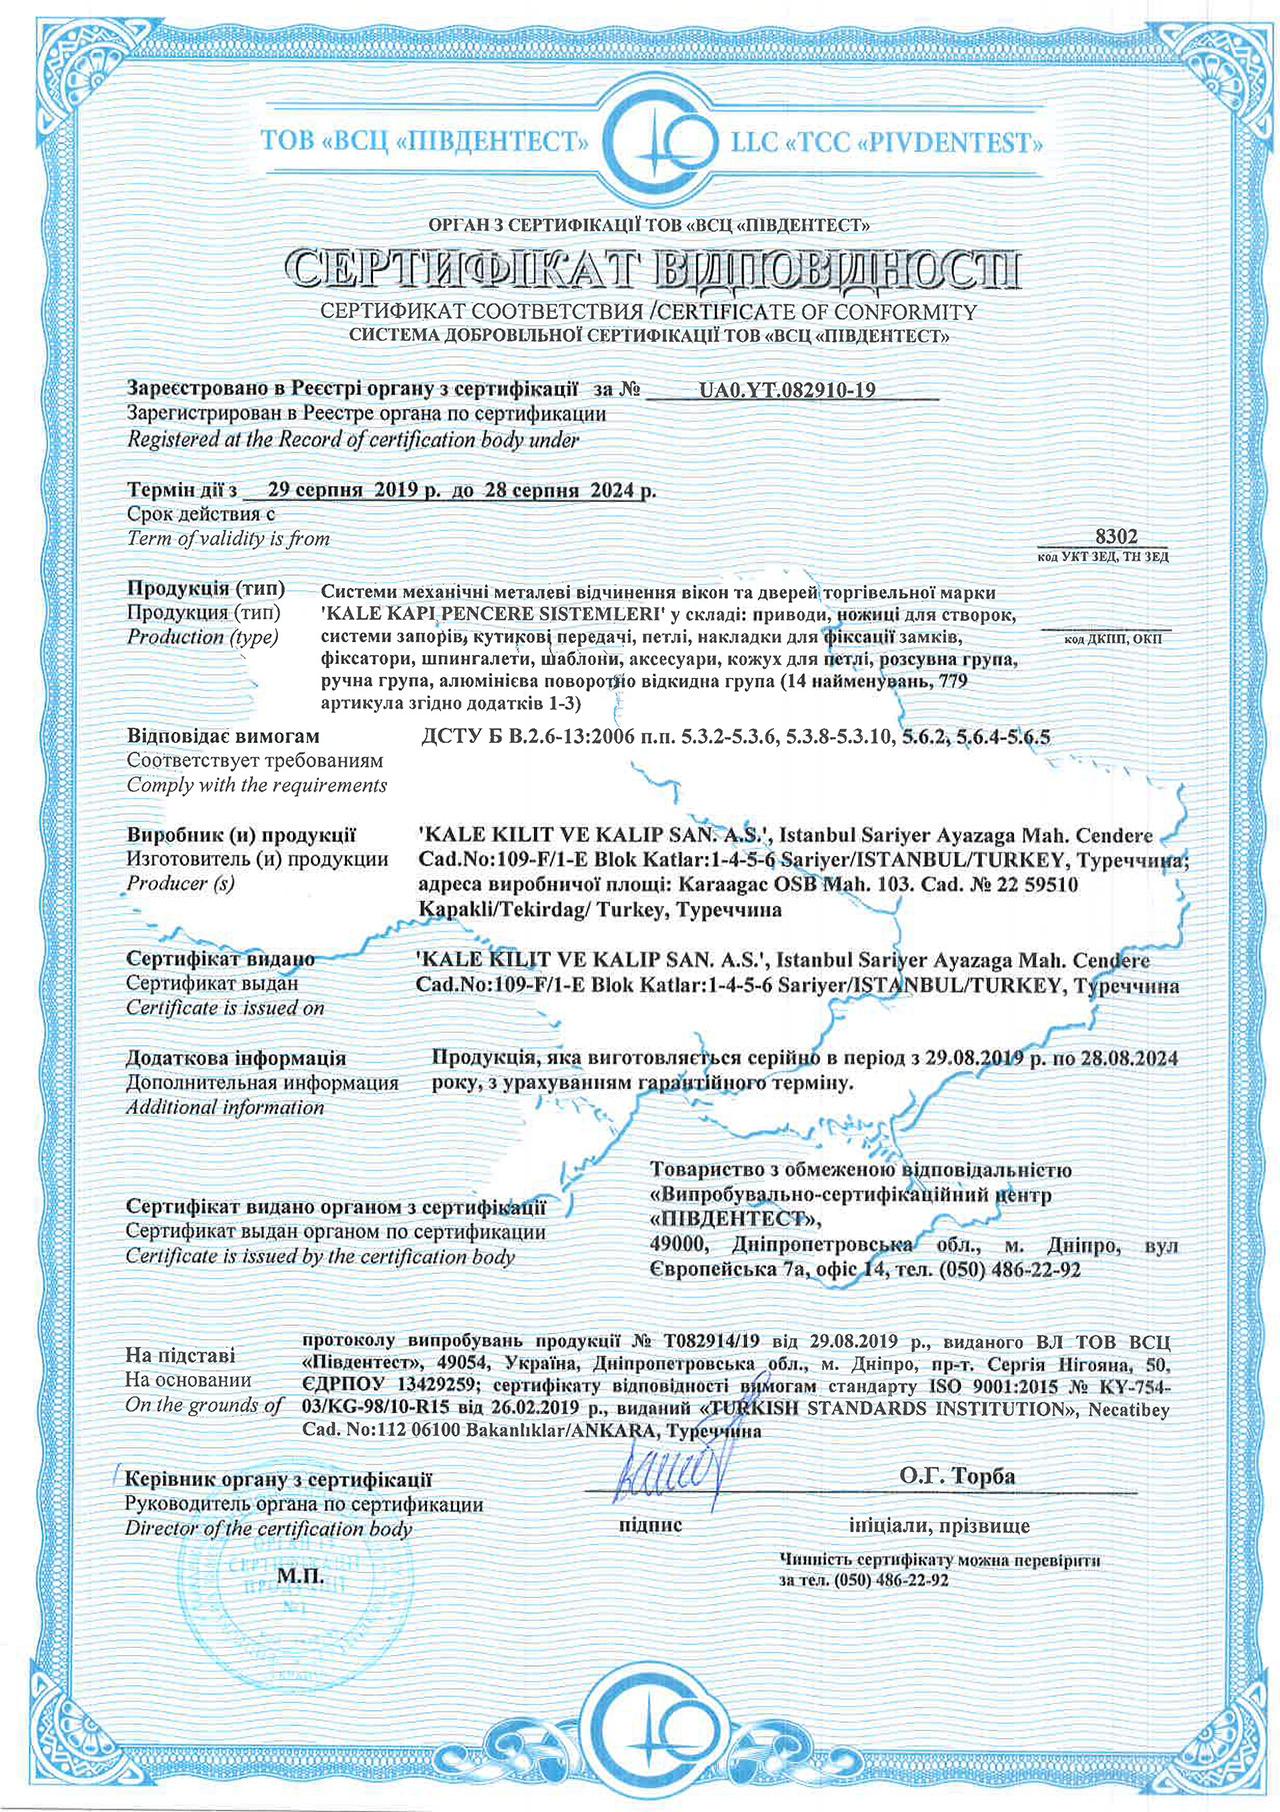 Сертифікат відповідності на фурнітуру KALE